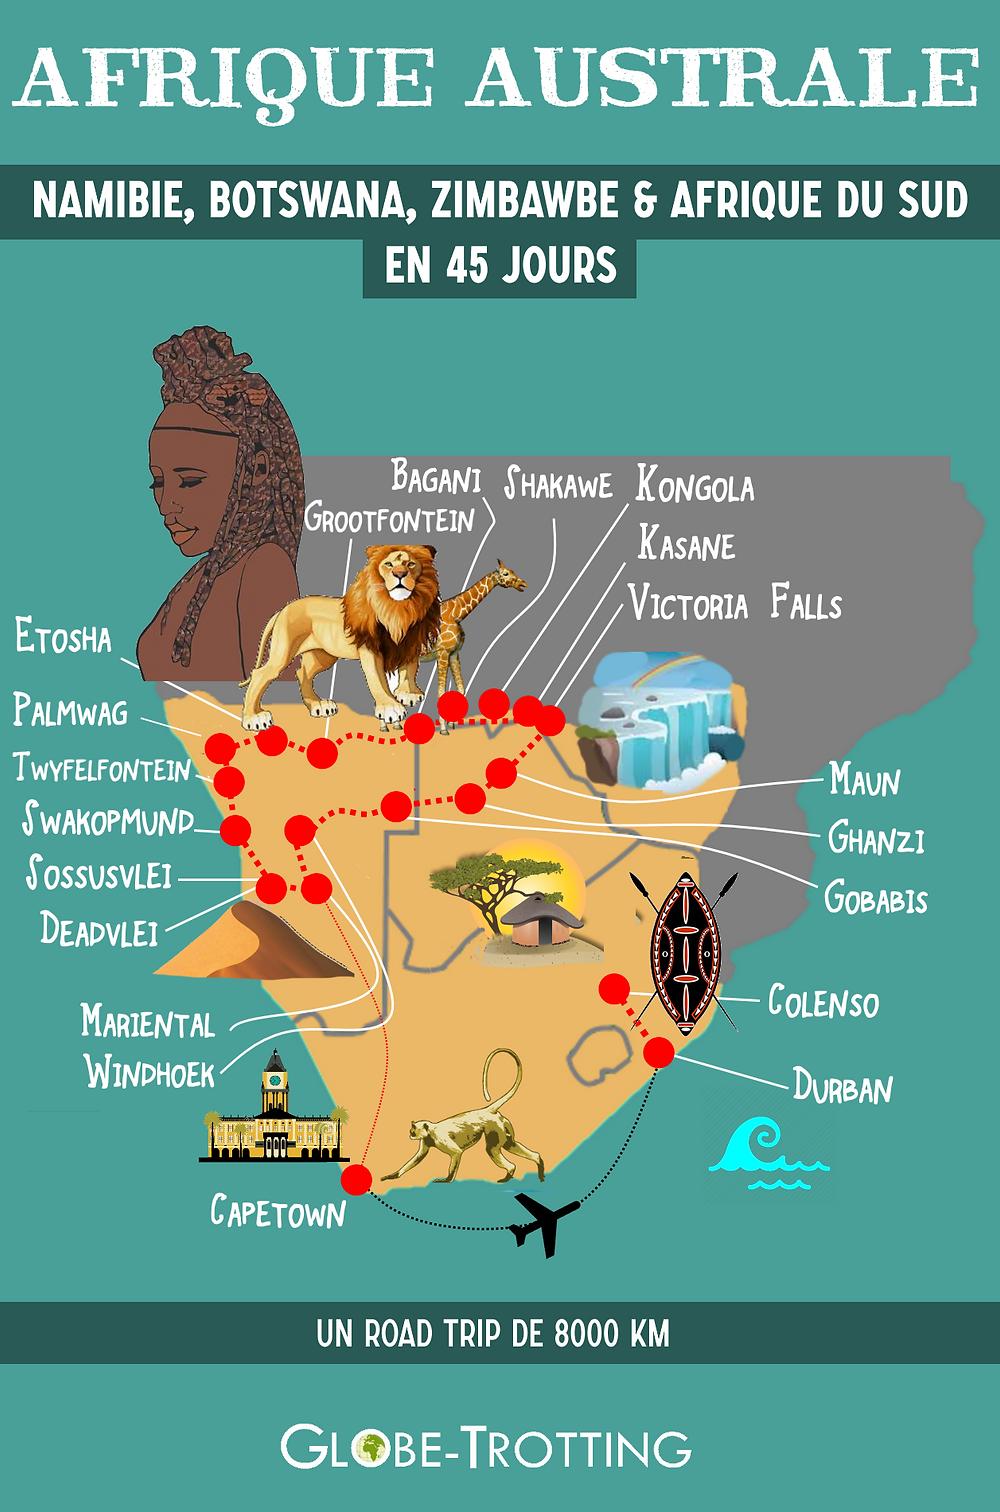 itinéraire afrique australe